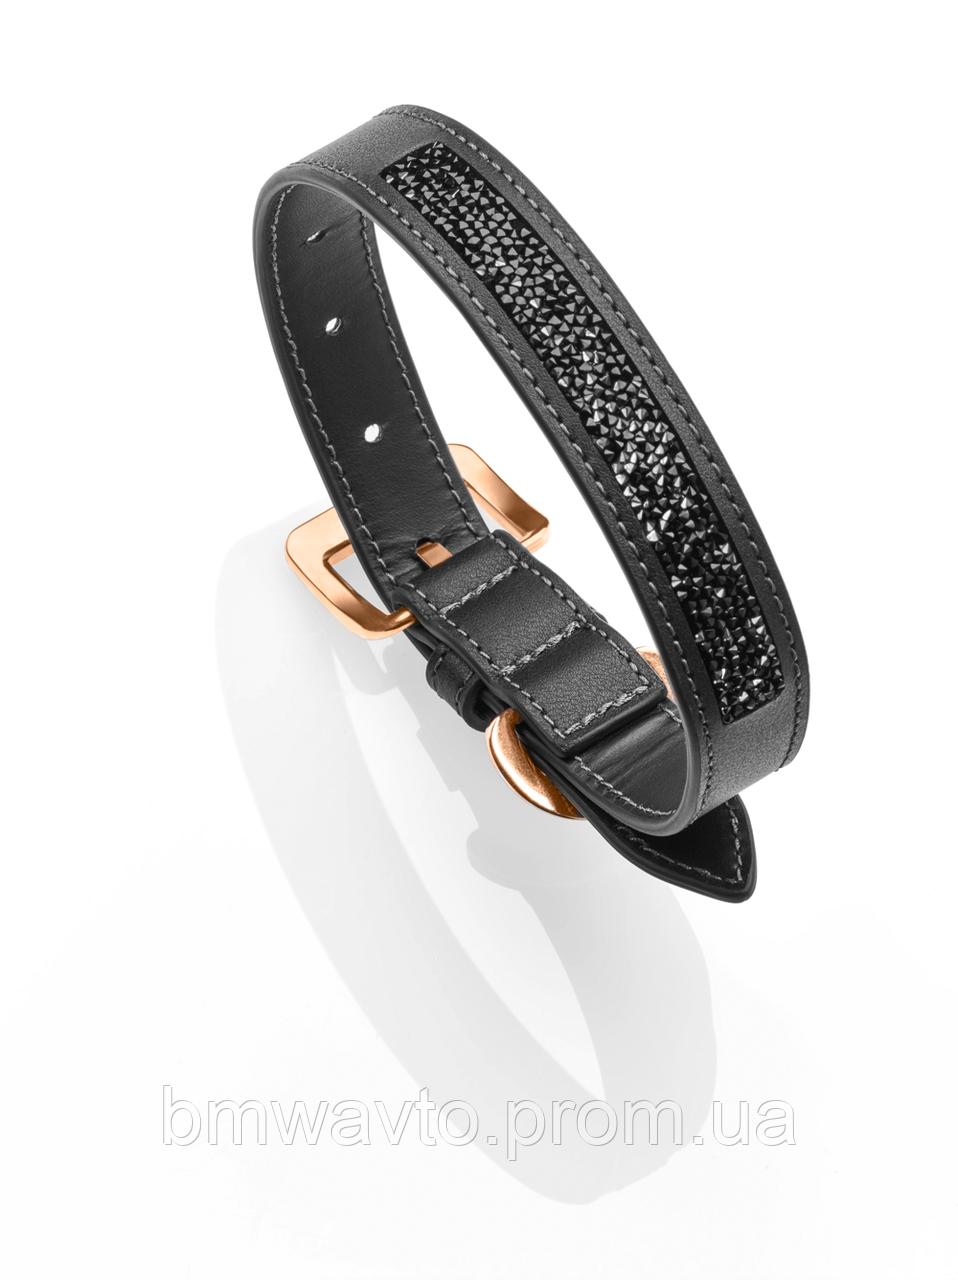 Ошейник для небольших собак Mercedes-Benz Crystal Dog Collar